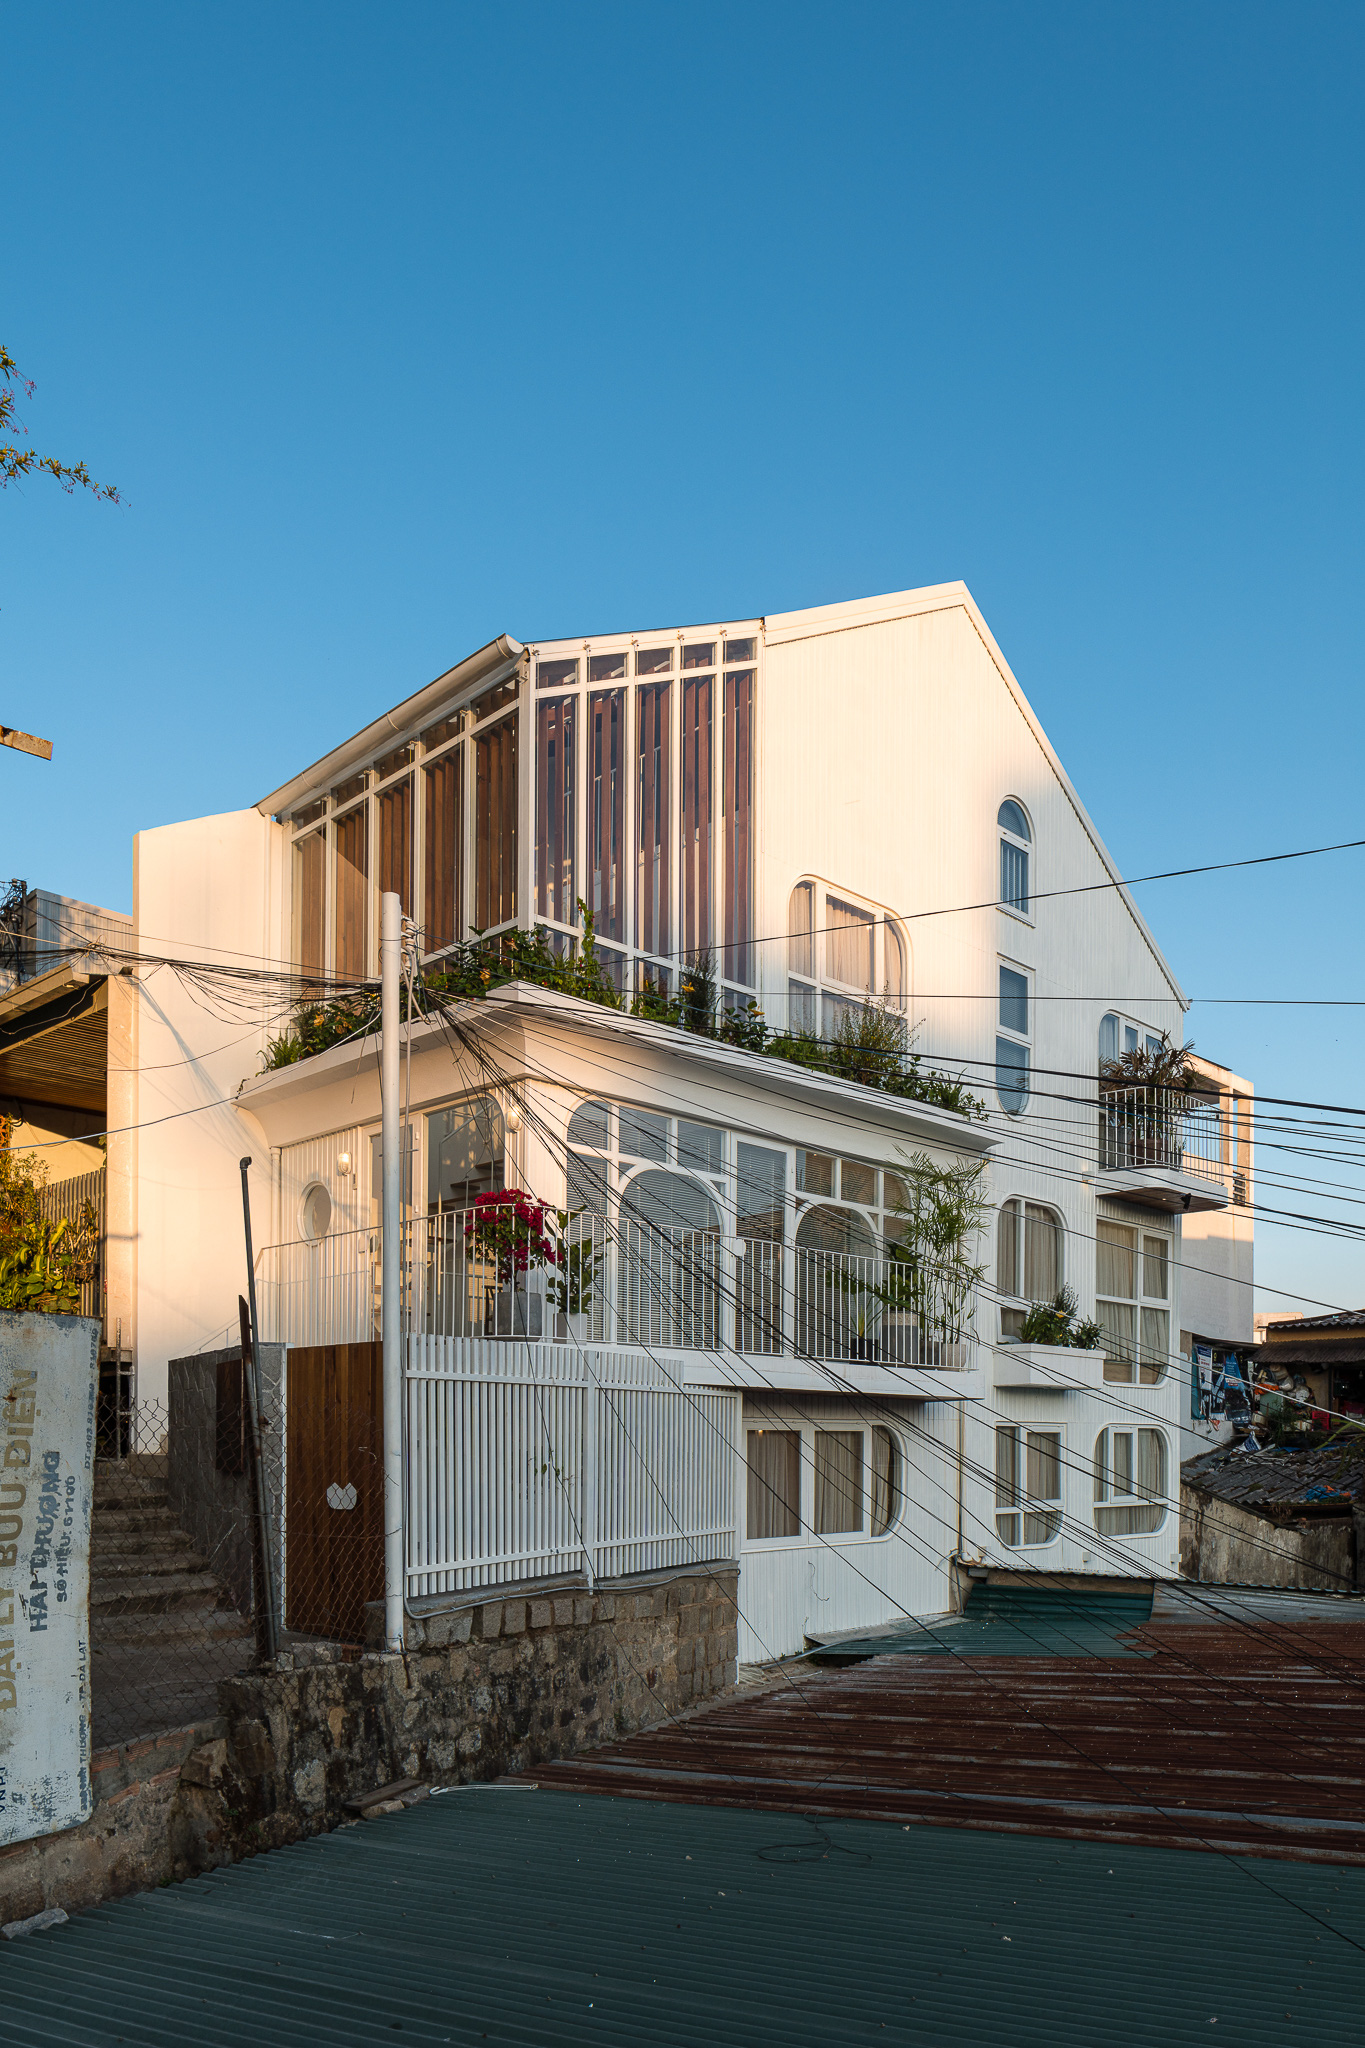 Lên Đà Lạt, cặp vợ chồng Sài Gòn xây ngôi nhà trắng tinh khôi theo phong cách nắng xuyên qua kẽ lá-2